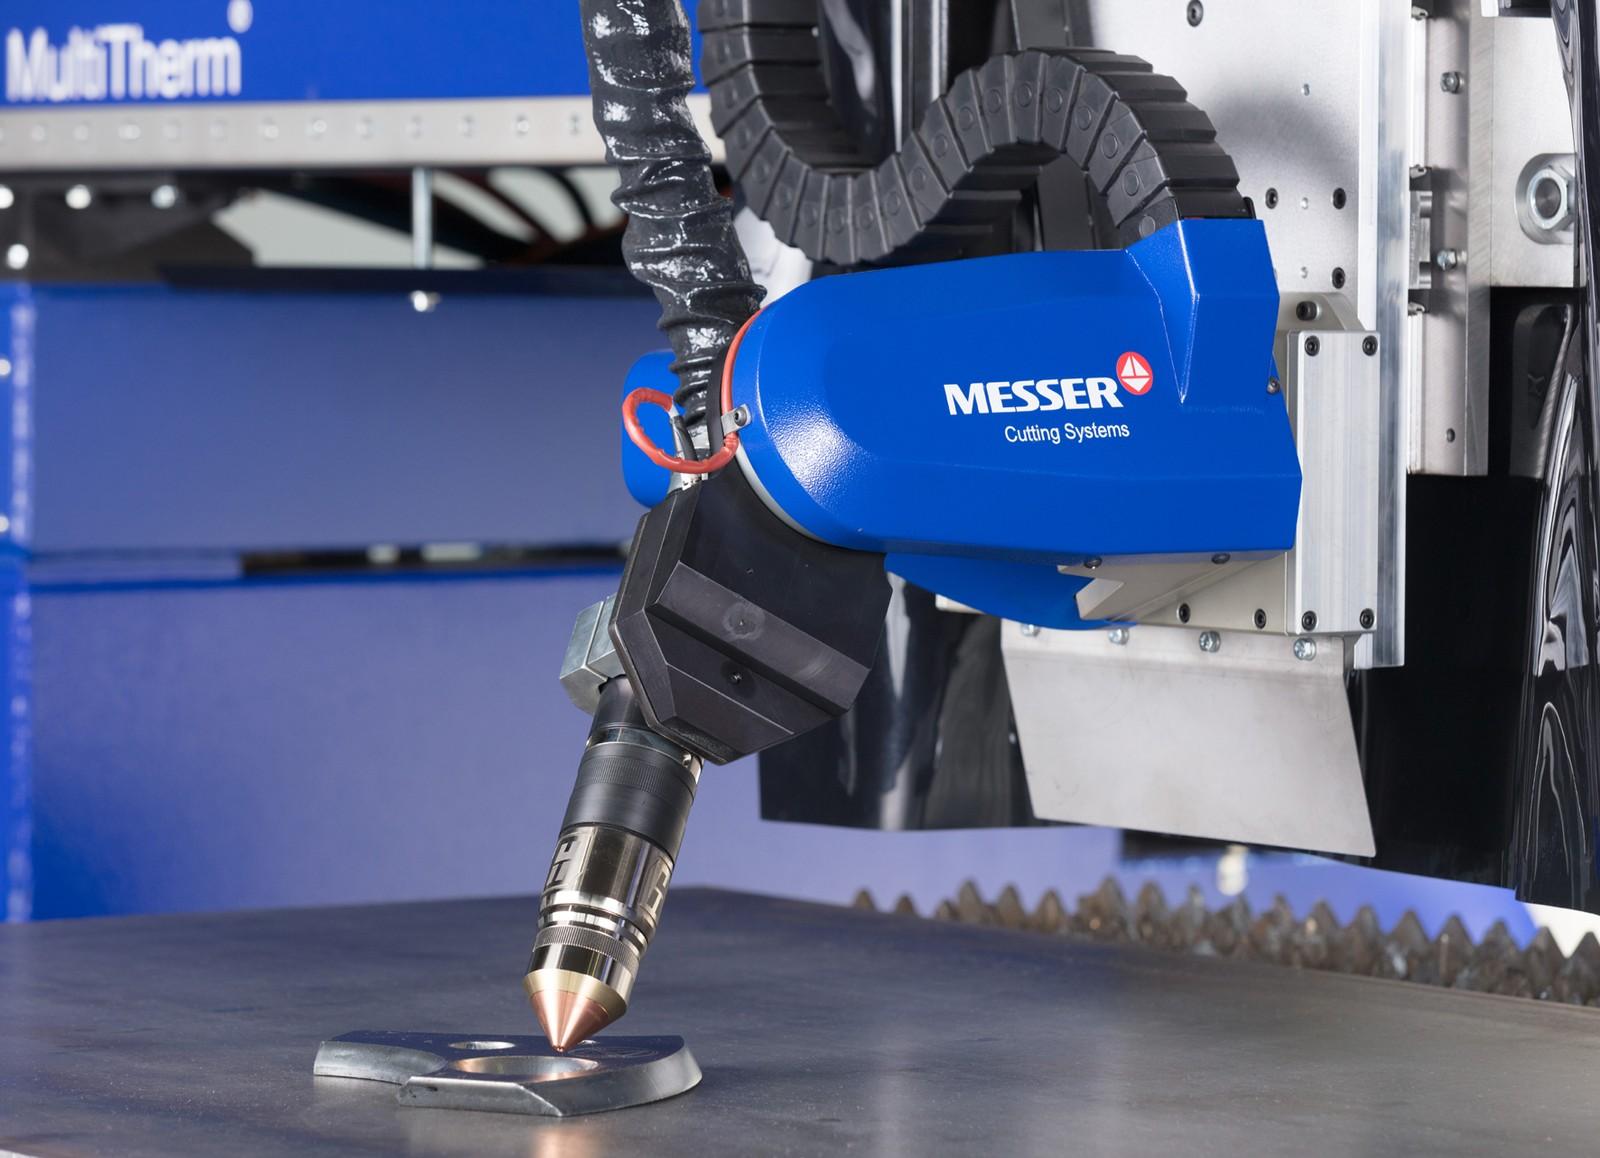 Der Metal Master Xcel ist unter anderem ausgerüstet mit dem kompakten 5-Achsen-Plasmafasenschneidaggregat Bevel-R. Beide Systeme zeigt Messer auf der Euroblech 2018.